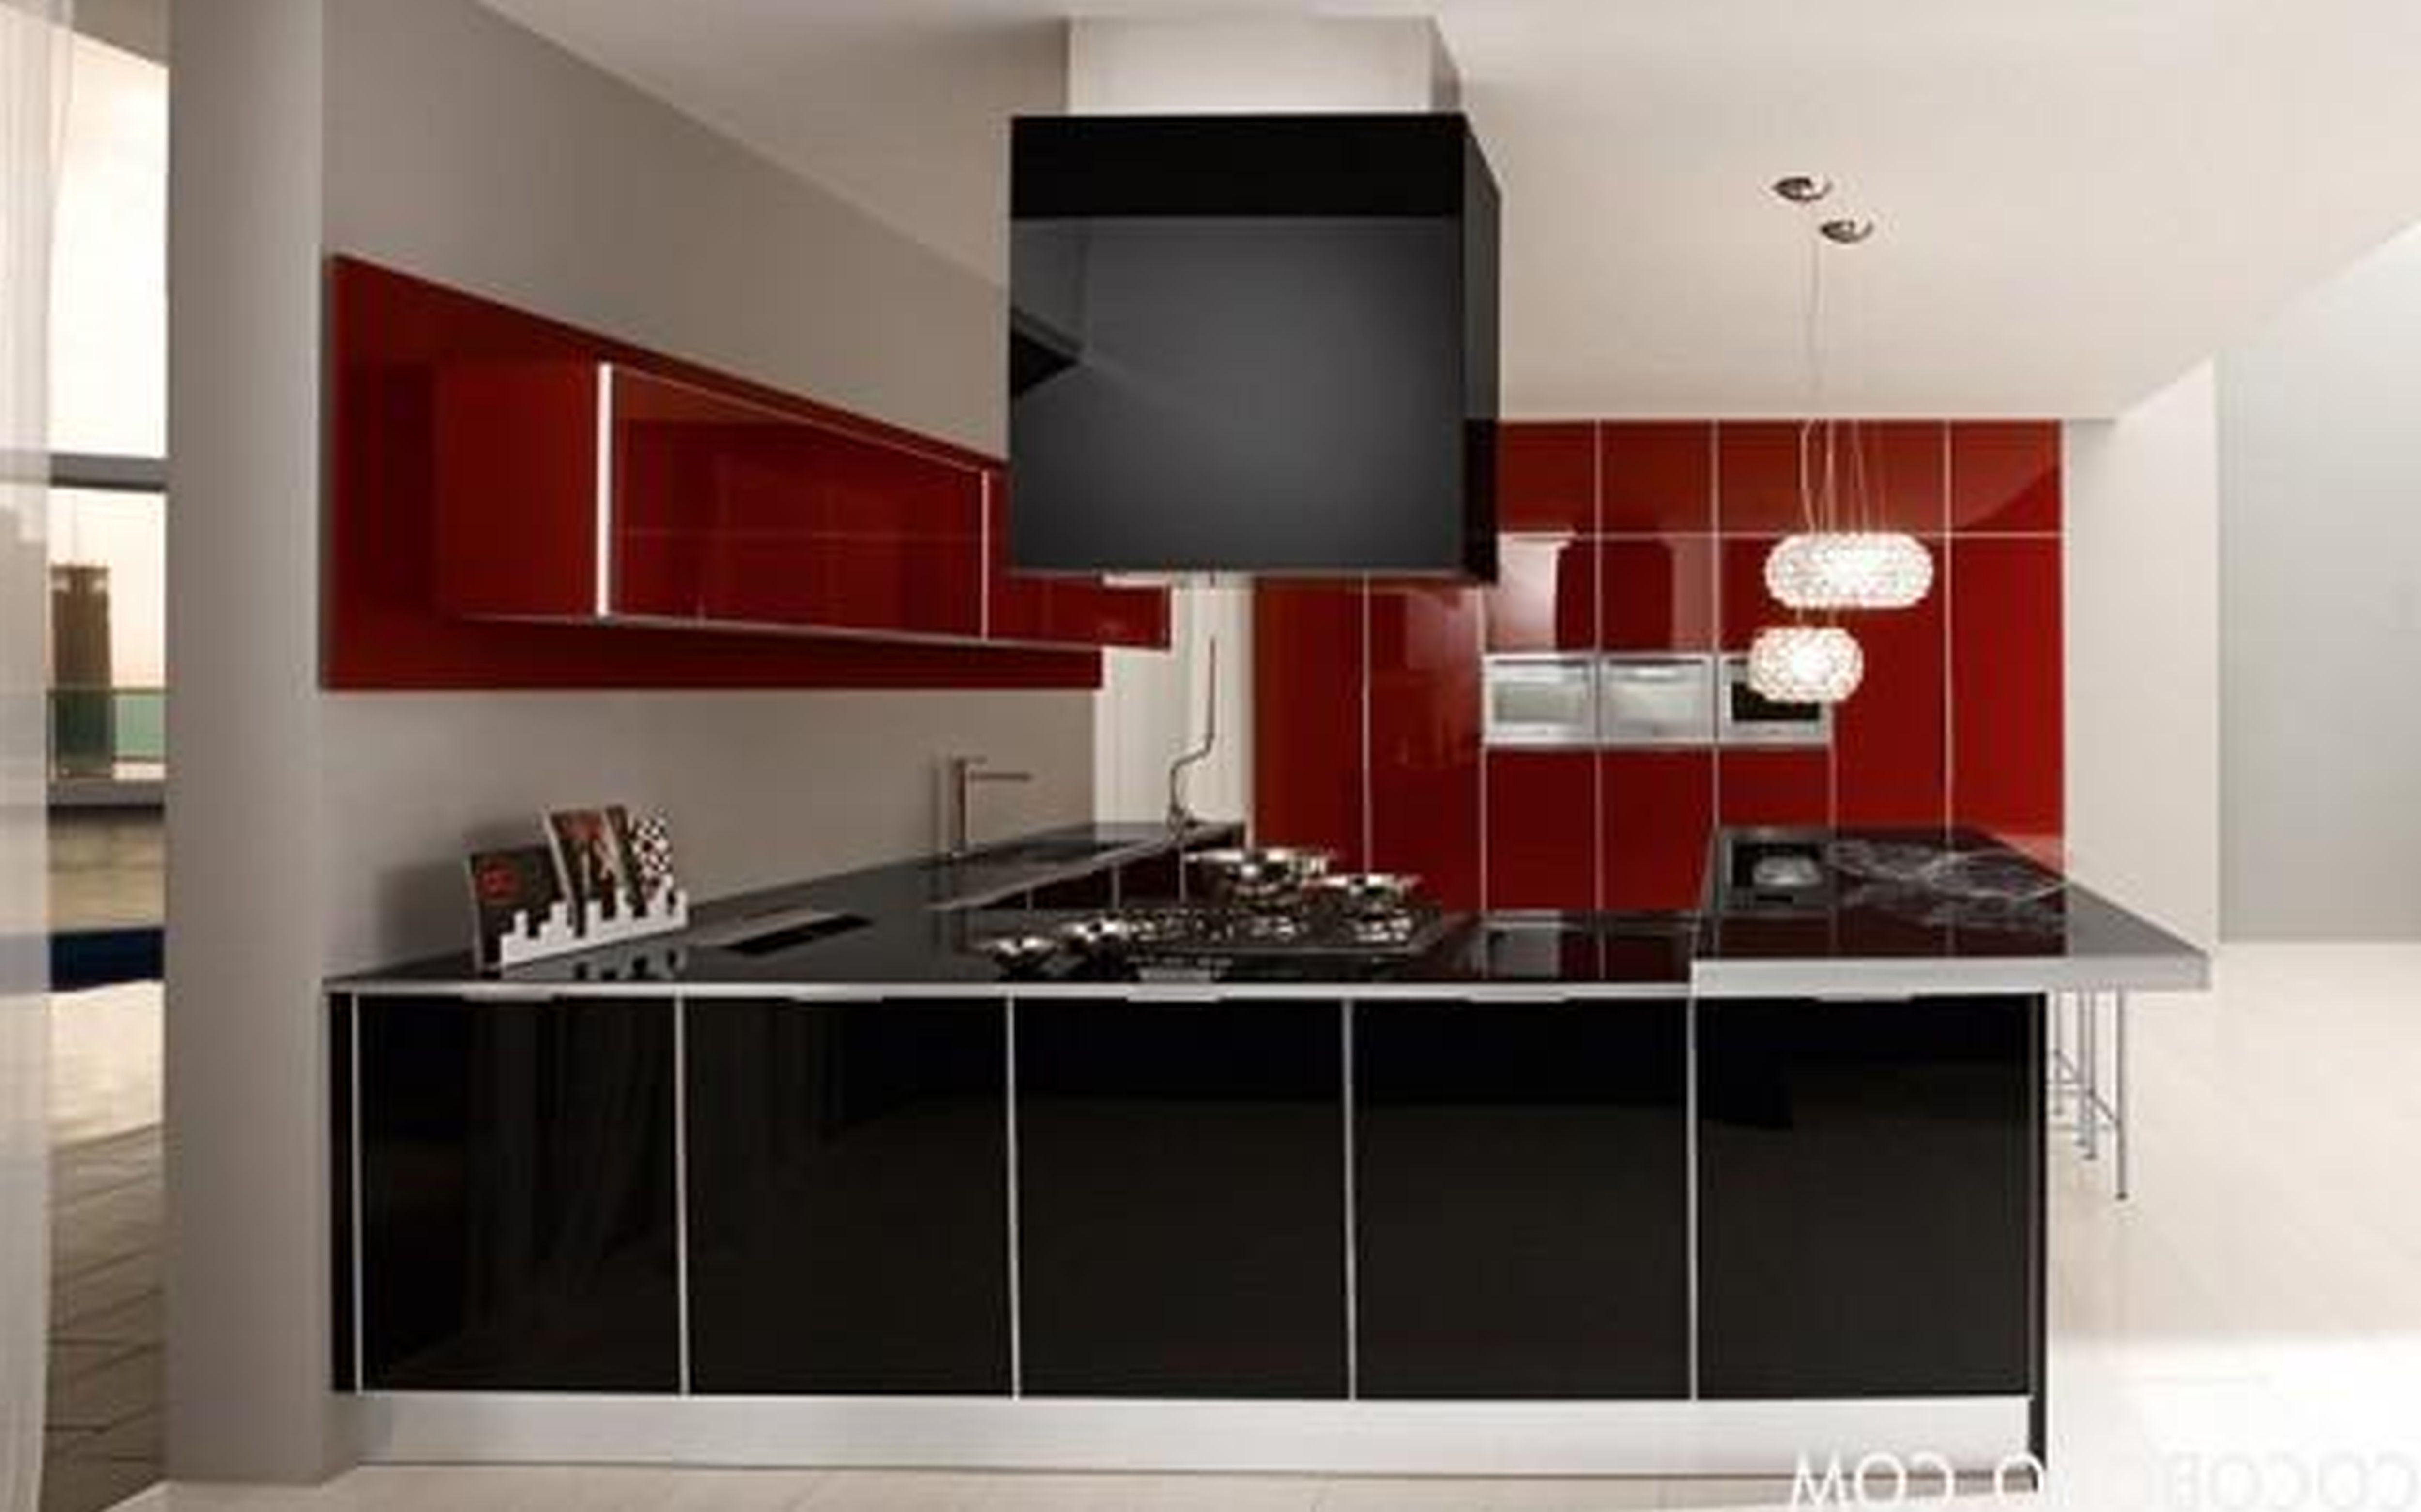 Ikea Kitchen Red Google Search Modern Kitchen Colours Kitchen Interior Design Modern Modern Kitchen Interiors